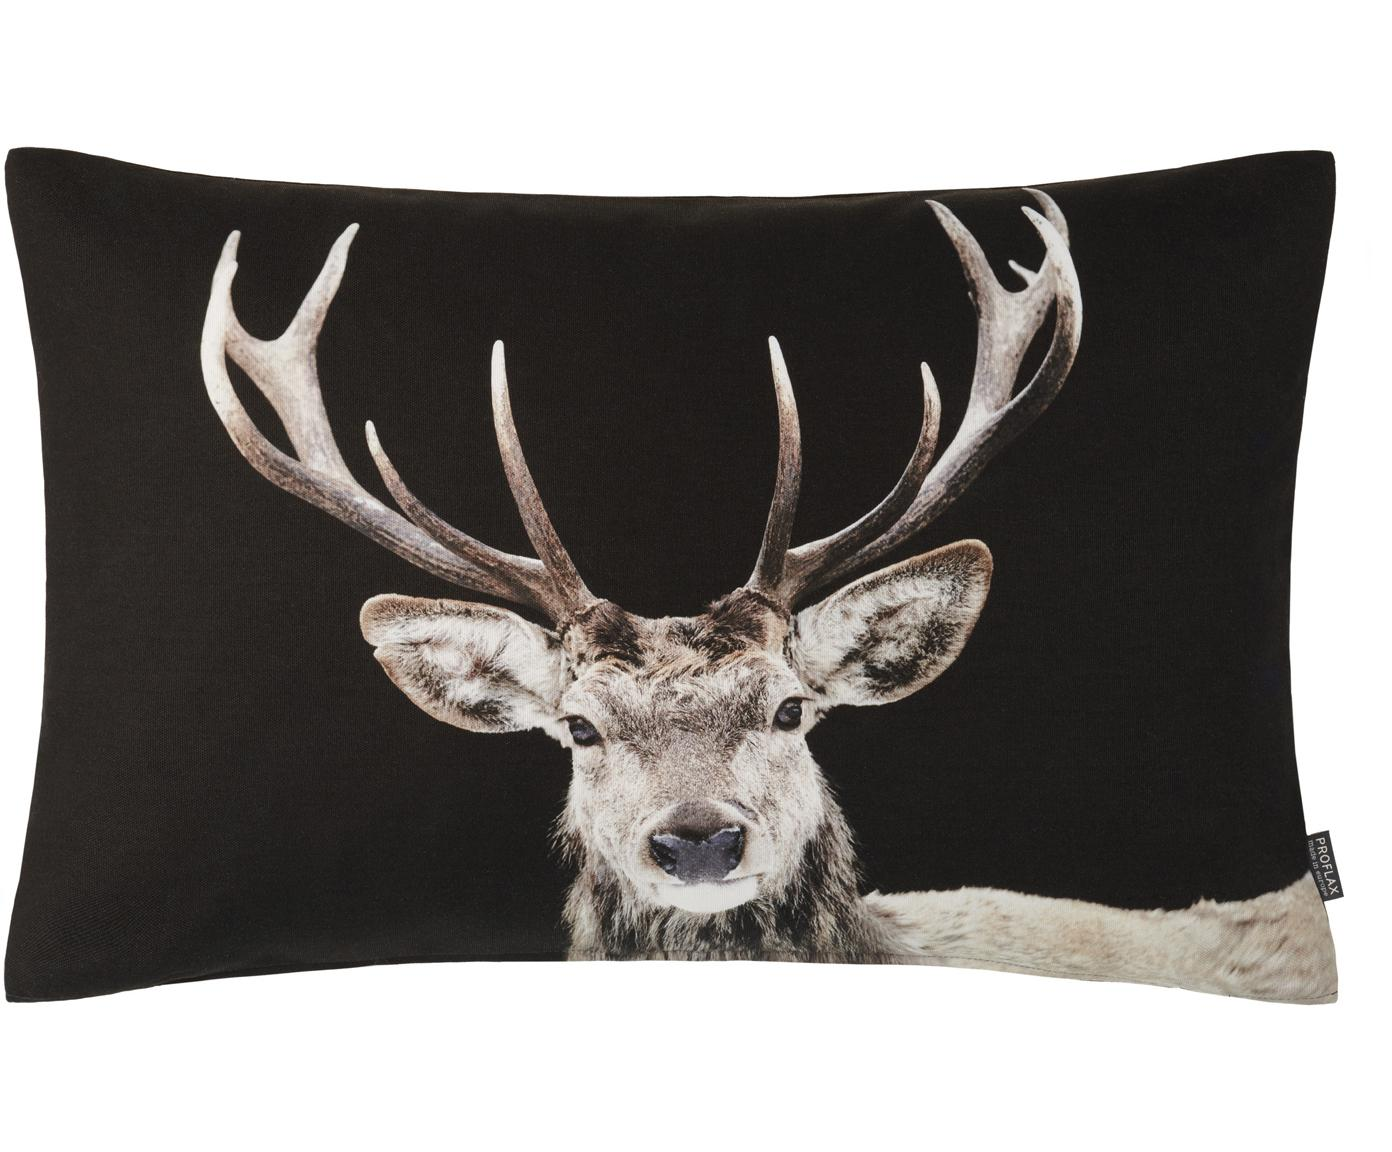 Povlak na polštář s motivem jelena Pavel, Černá, odstíny béžové